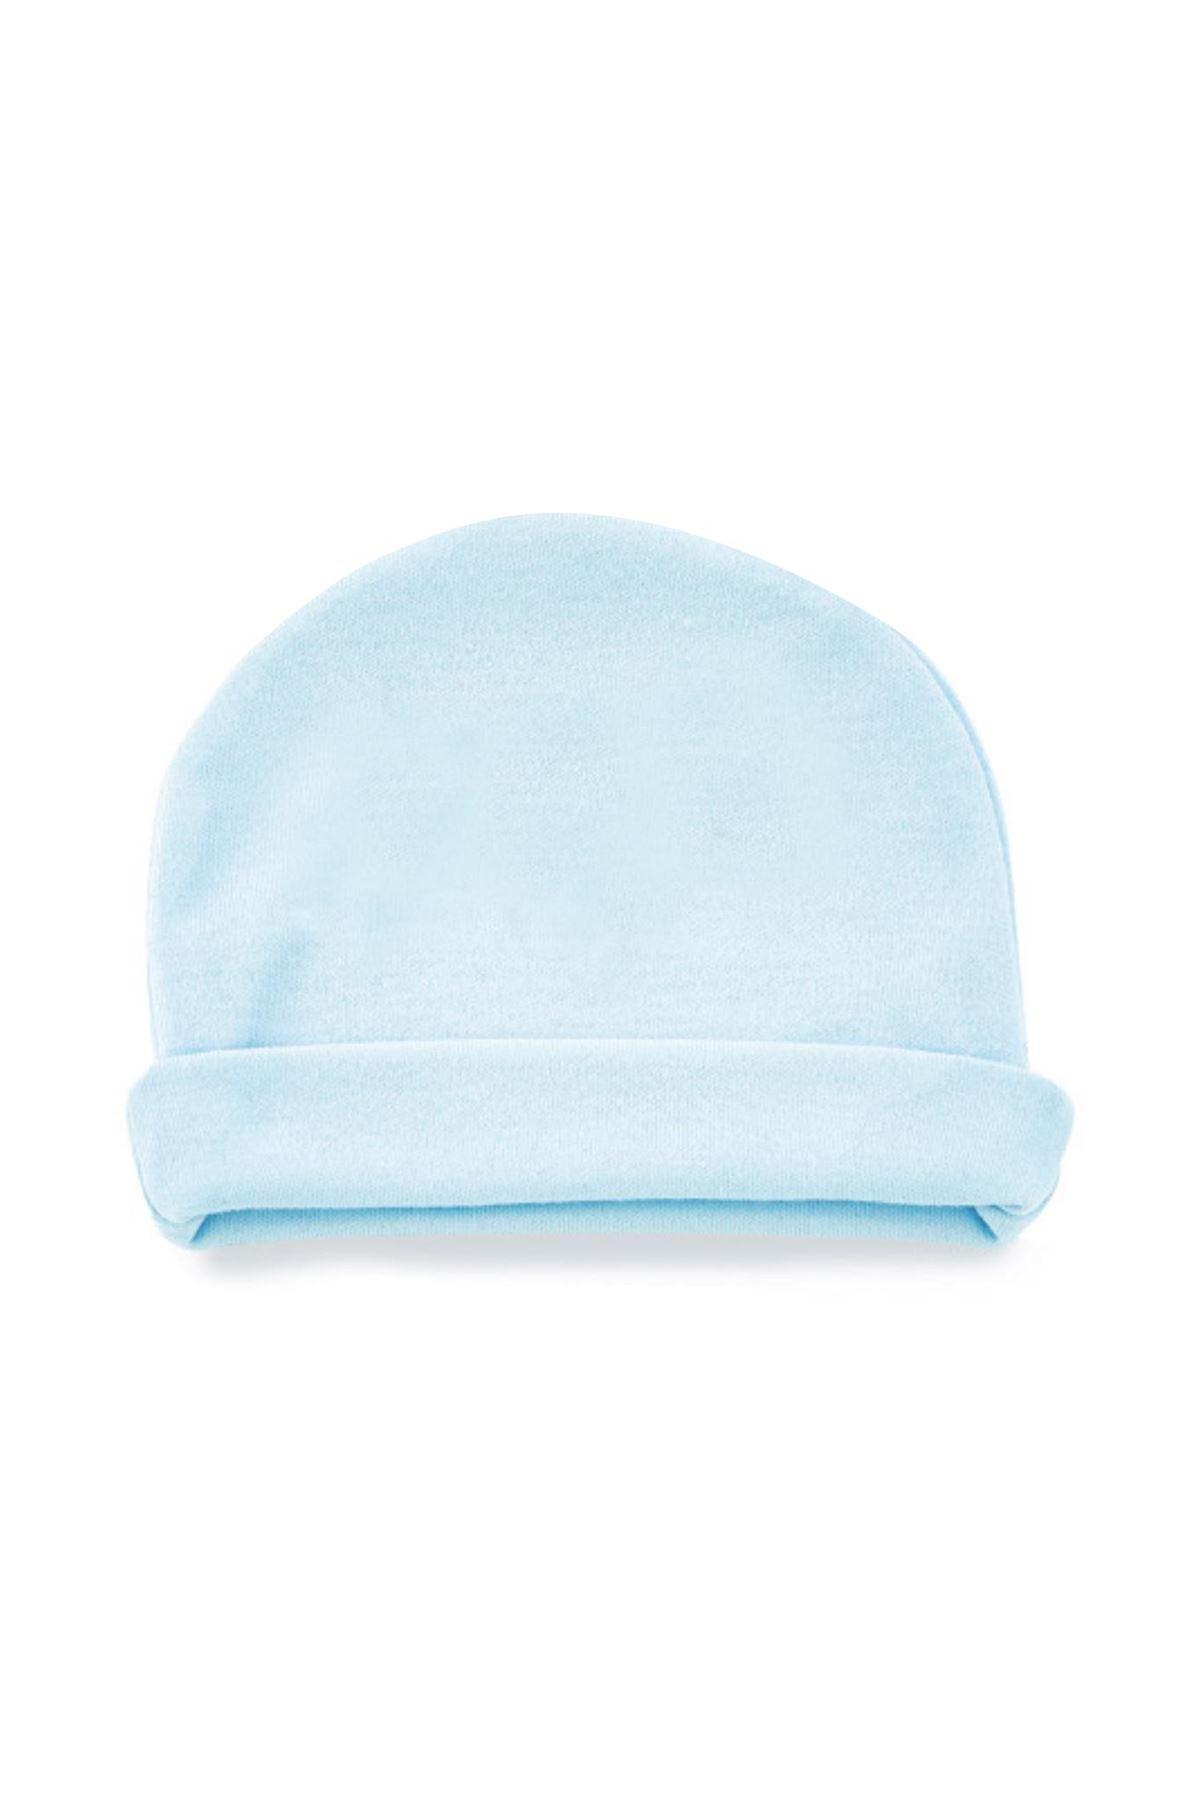 BabyJem Yenidoğan Bebe Şapka 397 Mavi